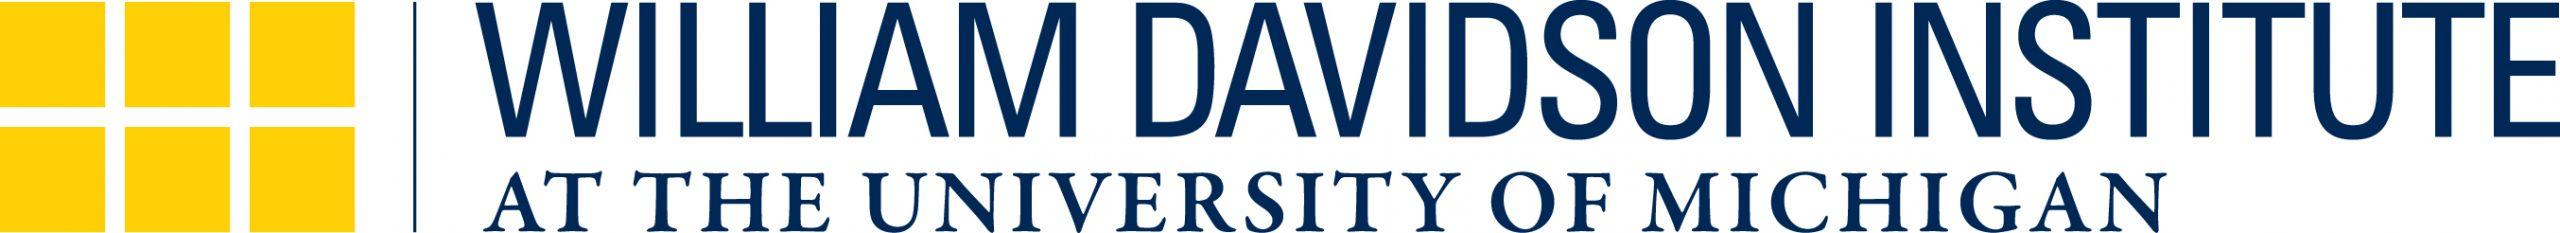 William Davidson Institute logo